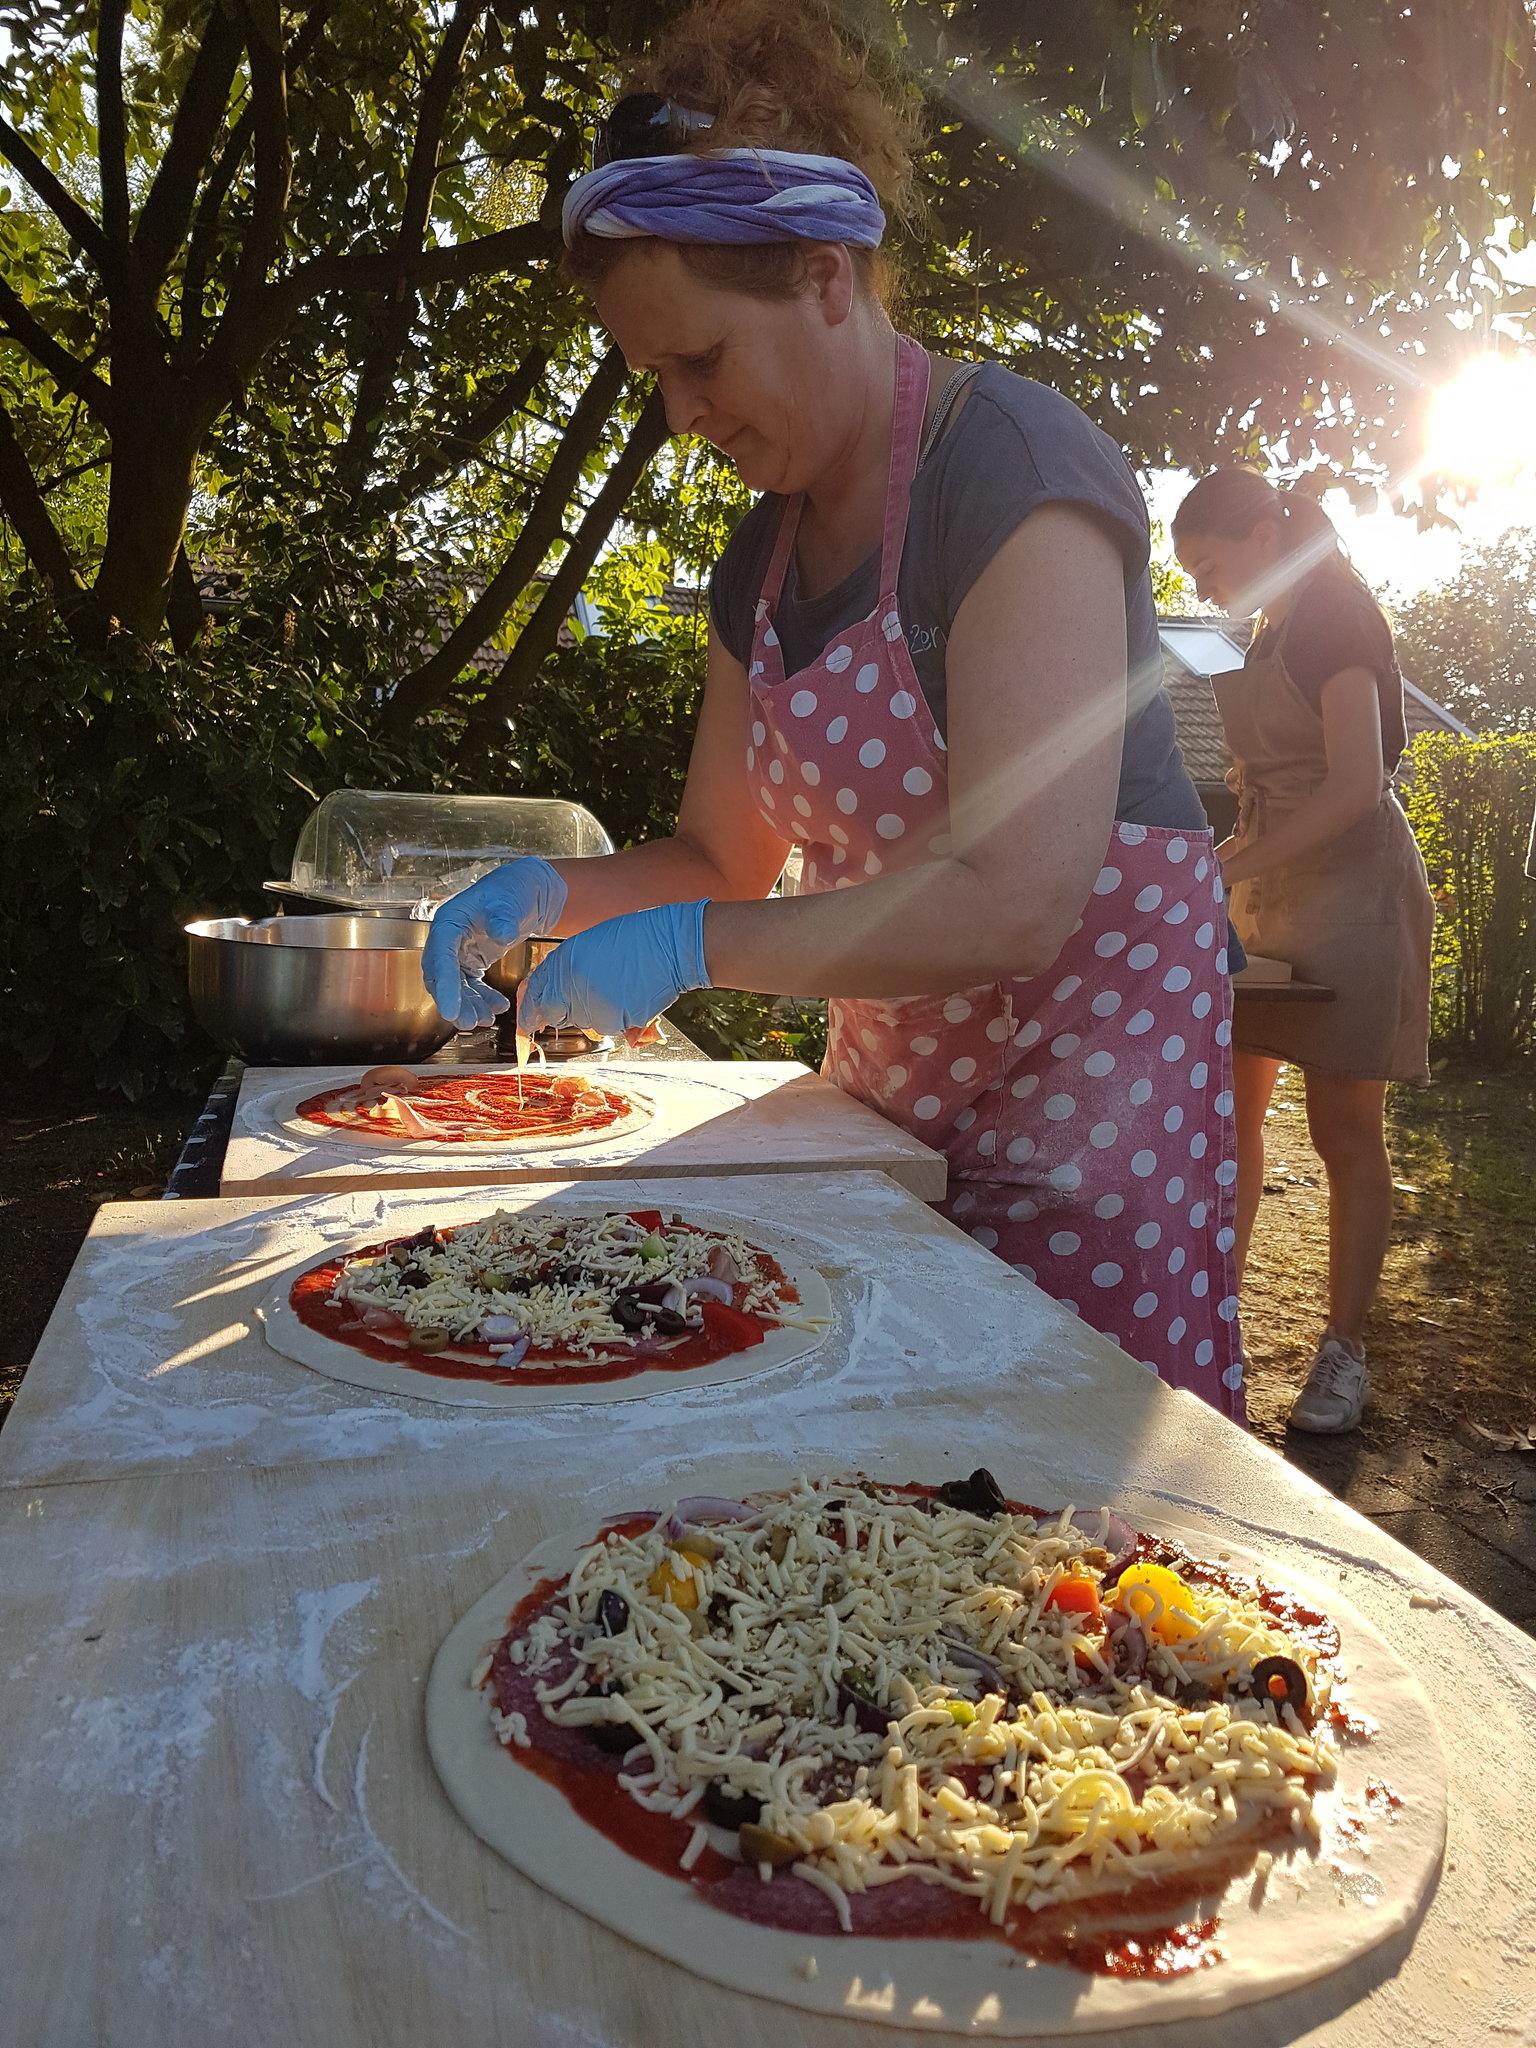 Twee vrouwen staan pizza's te maken aan een lange tafel in de buitenlucht